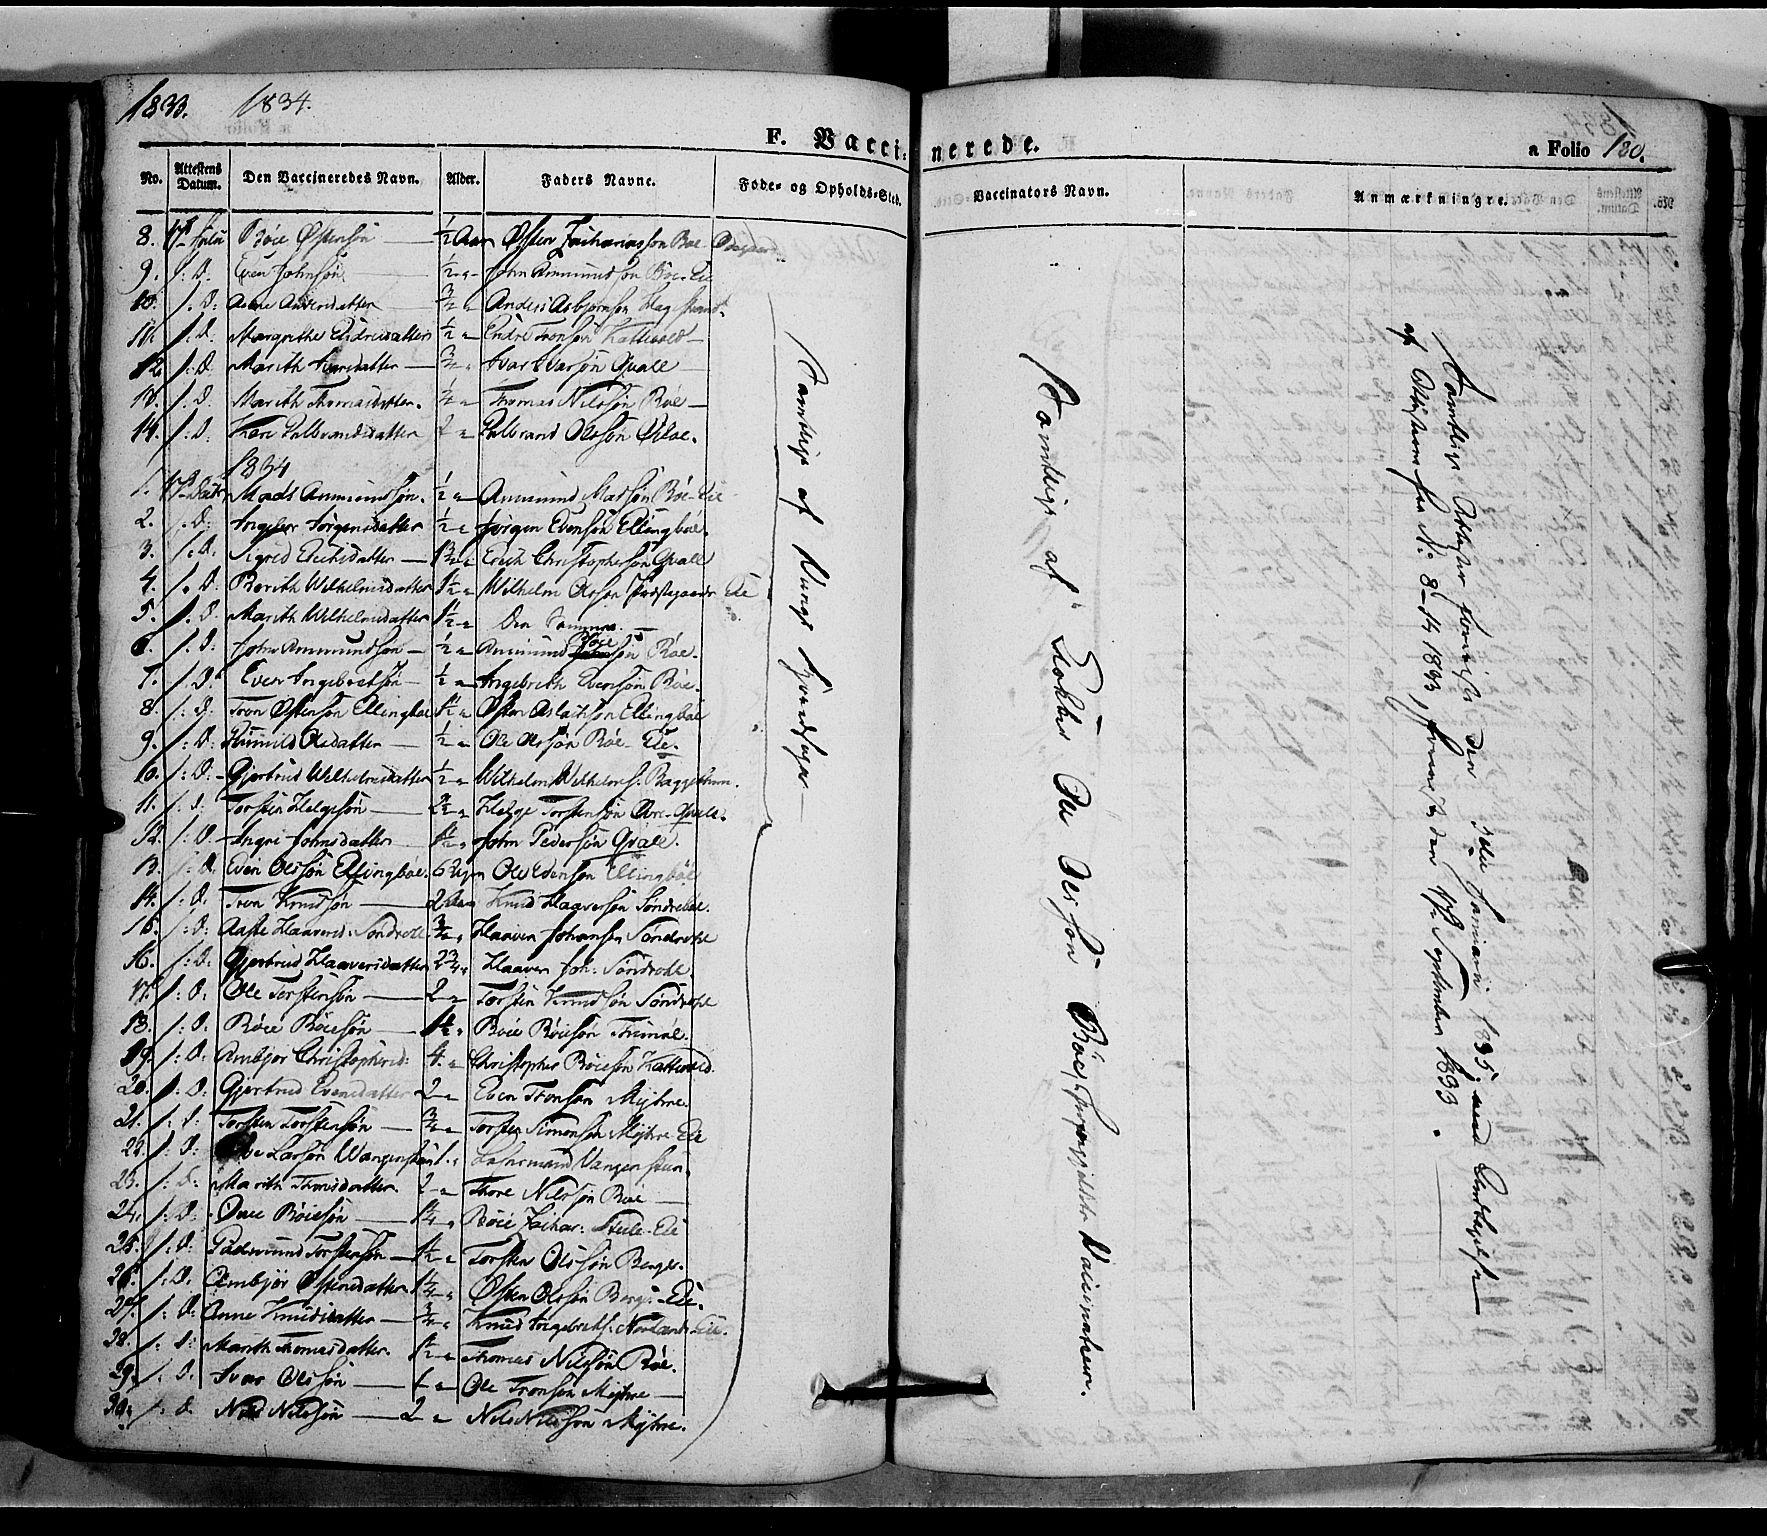 SAH, Vang prestekontor, Valdres, Ministerialbok nr. 5, 1831-1845, s. 180